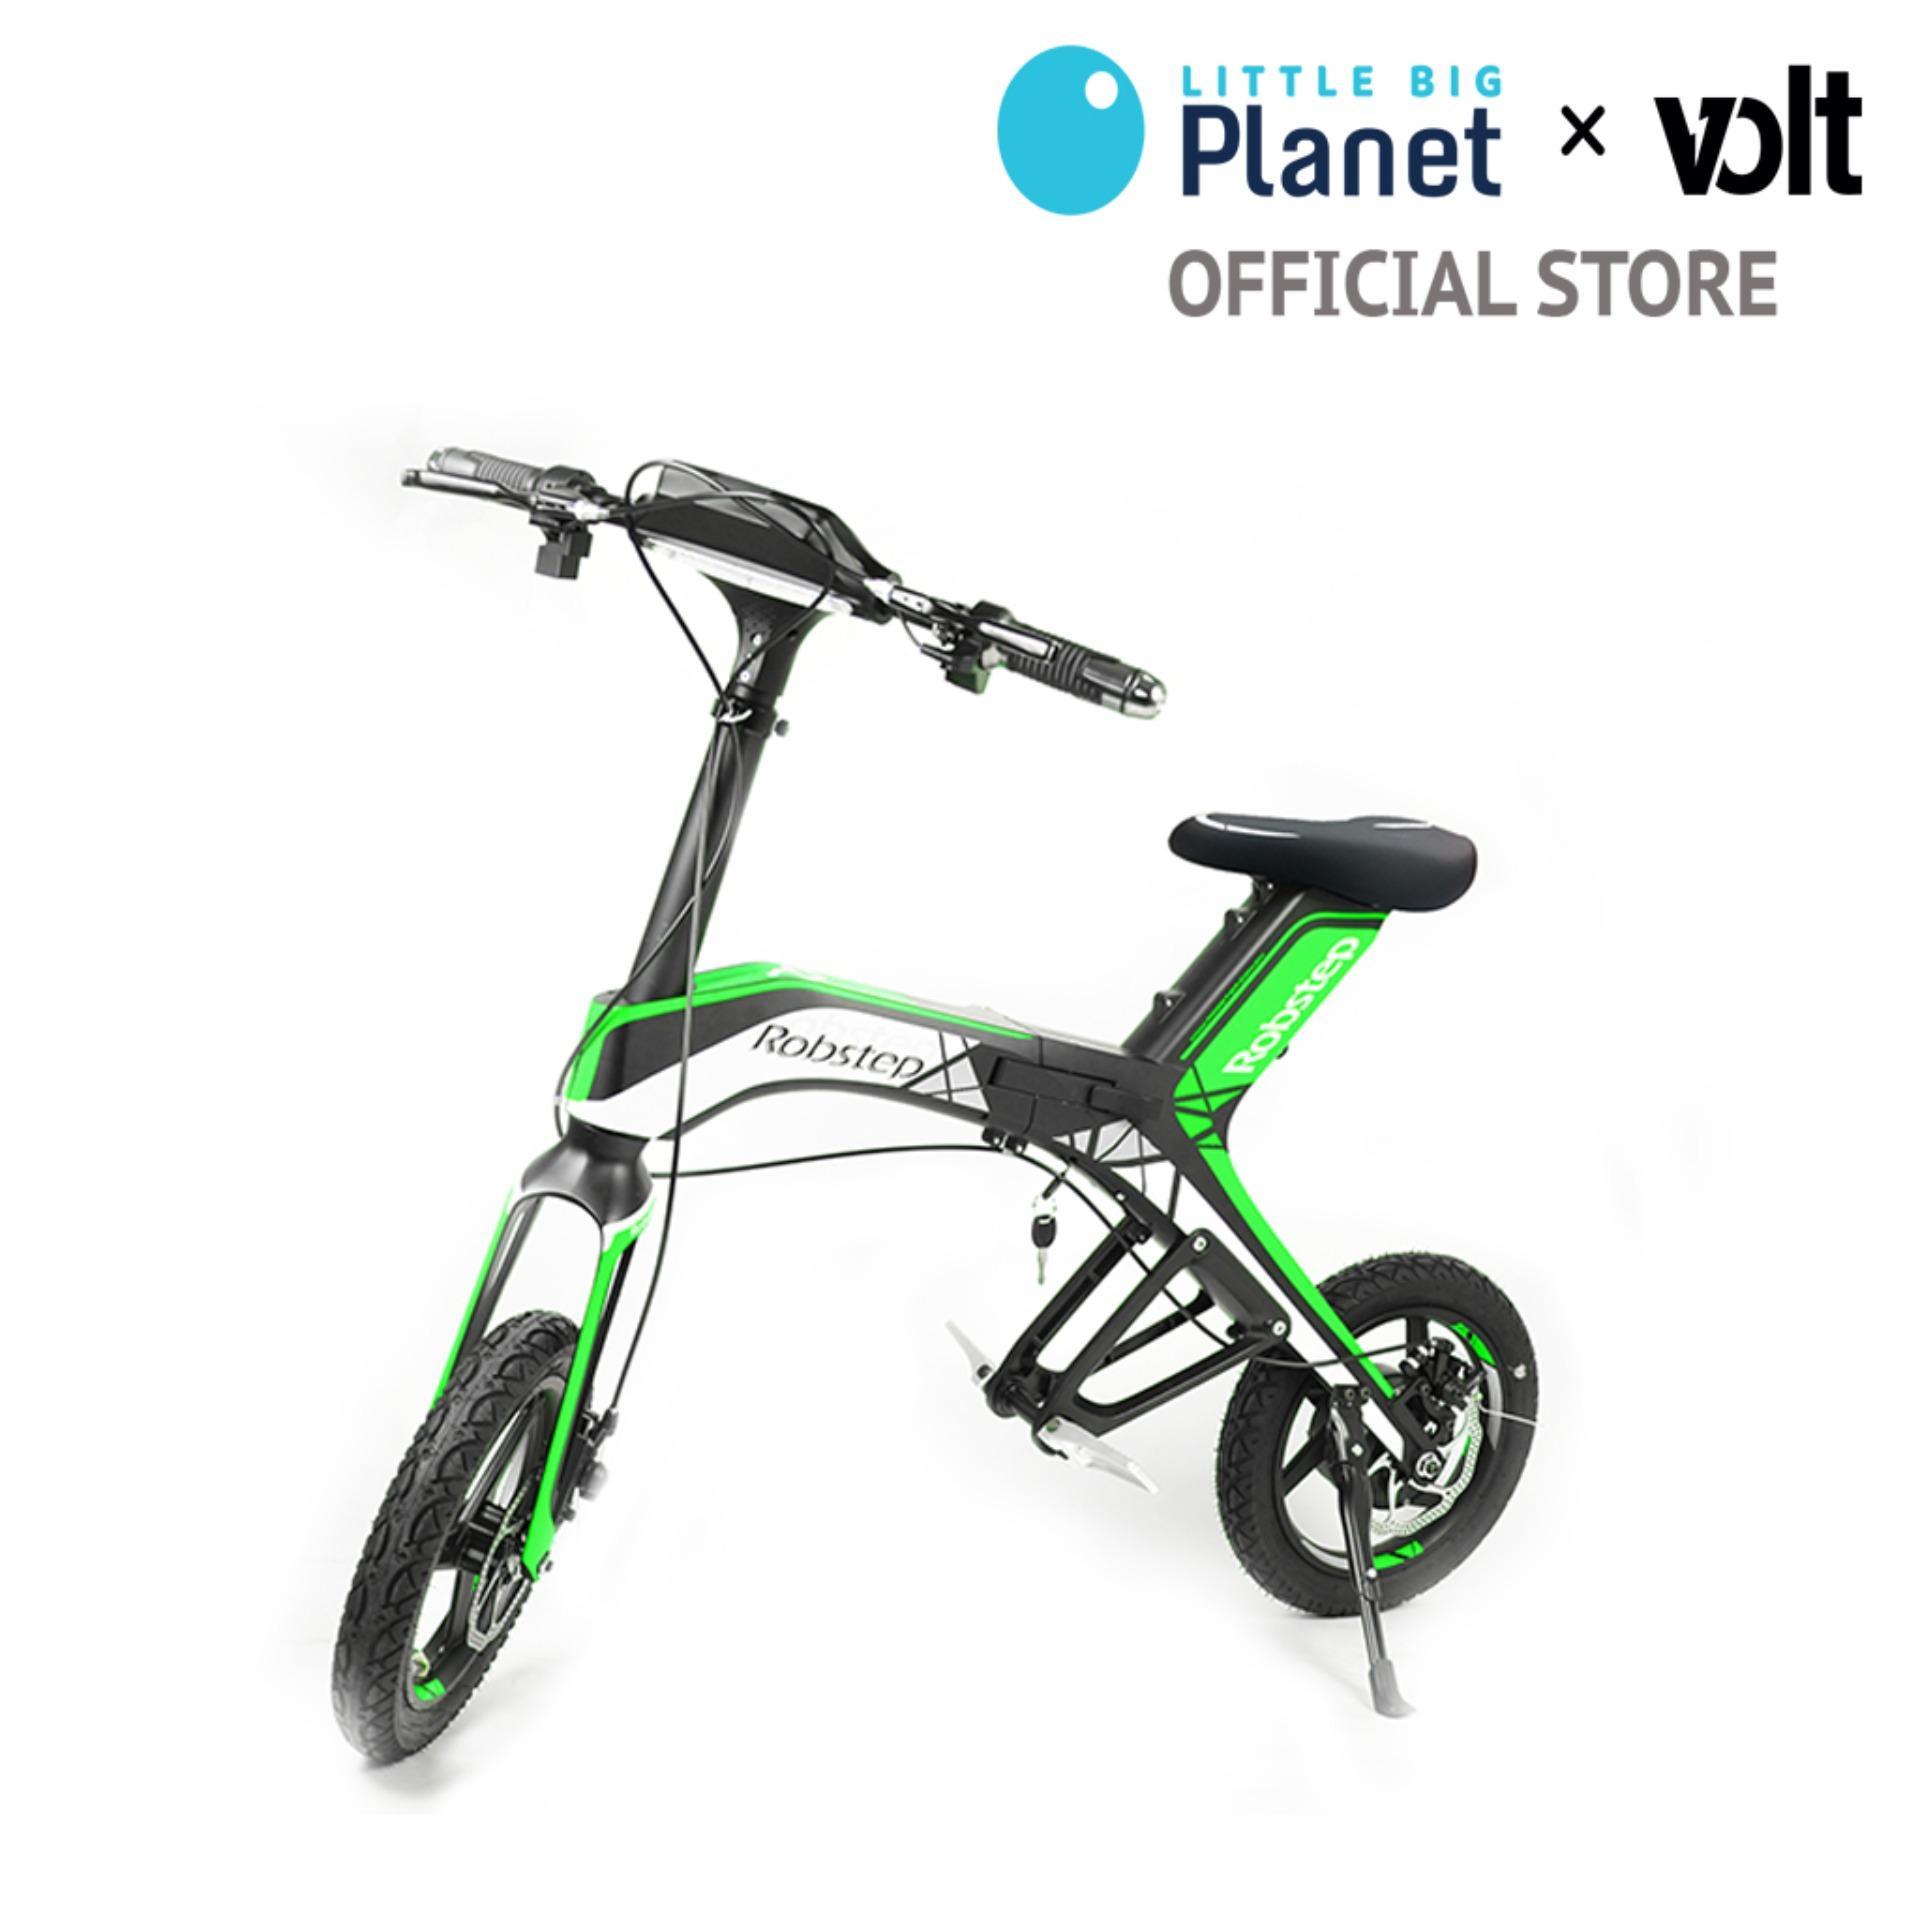 Xe đạp điện ROBSTEP X1 - Hàng Công nghệ Pháp